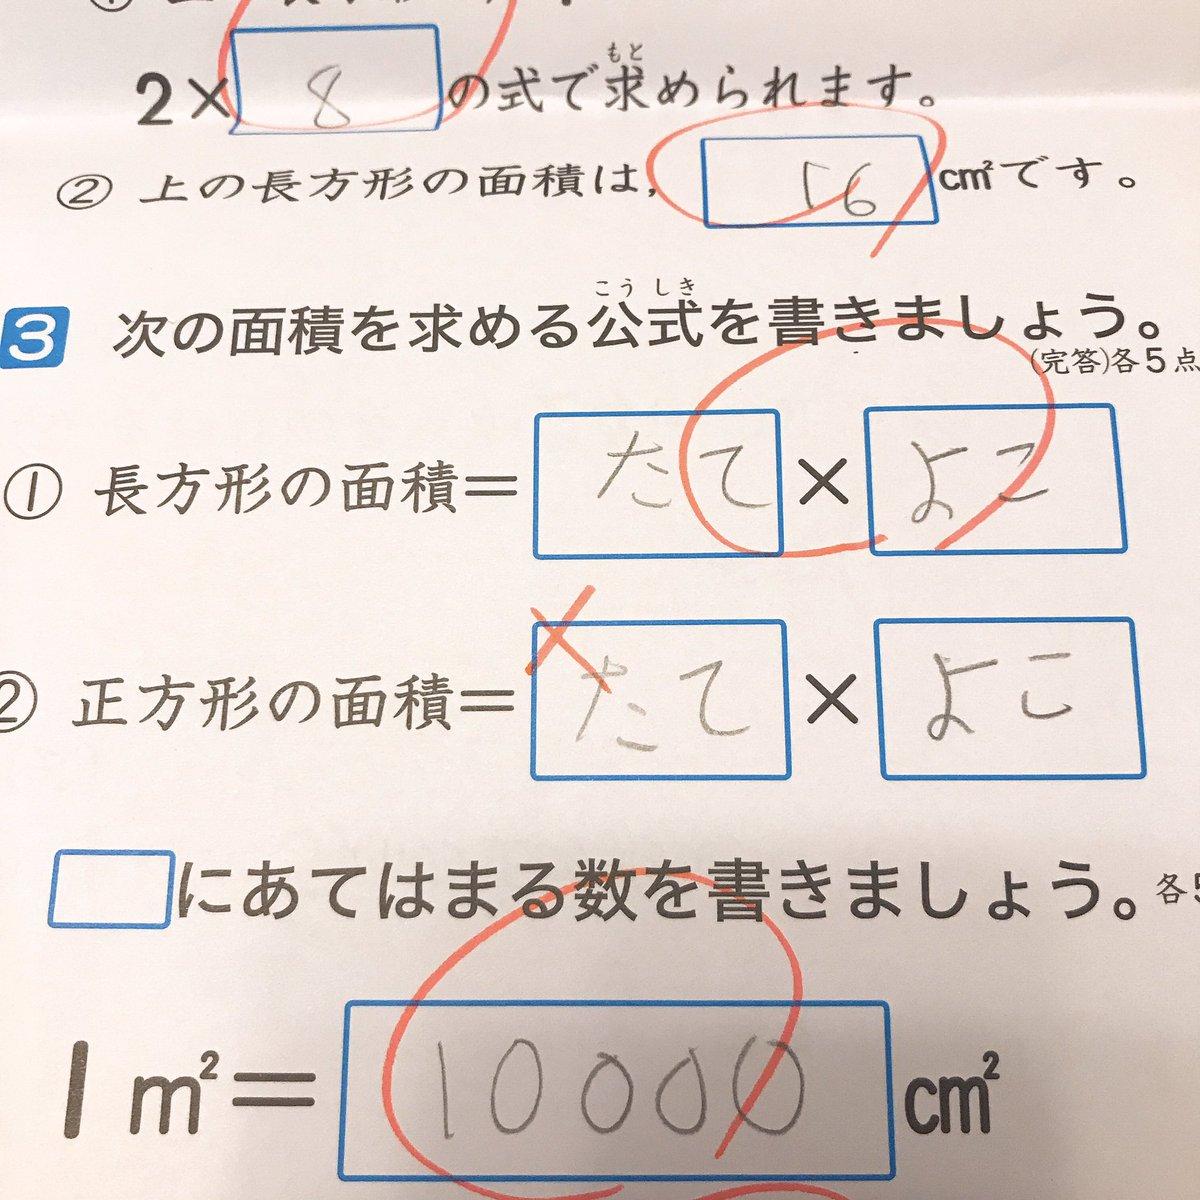 子供向けぬりえ: エレガント正方形 の 面積 の 公式